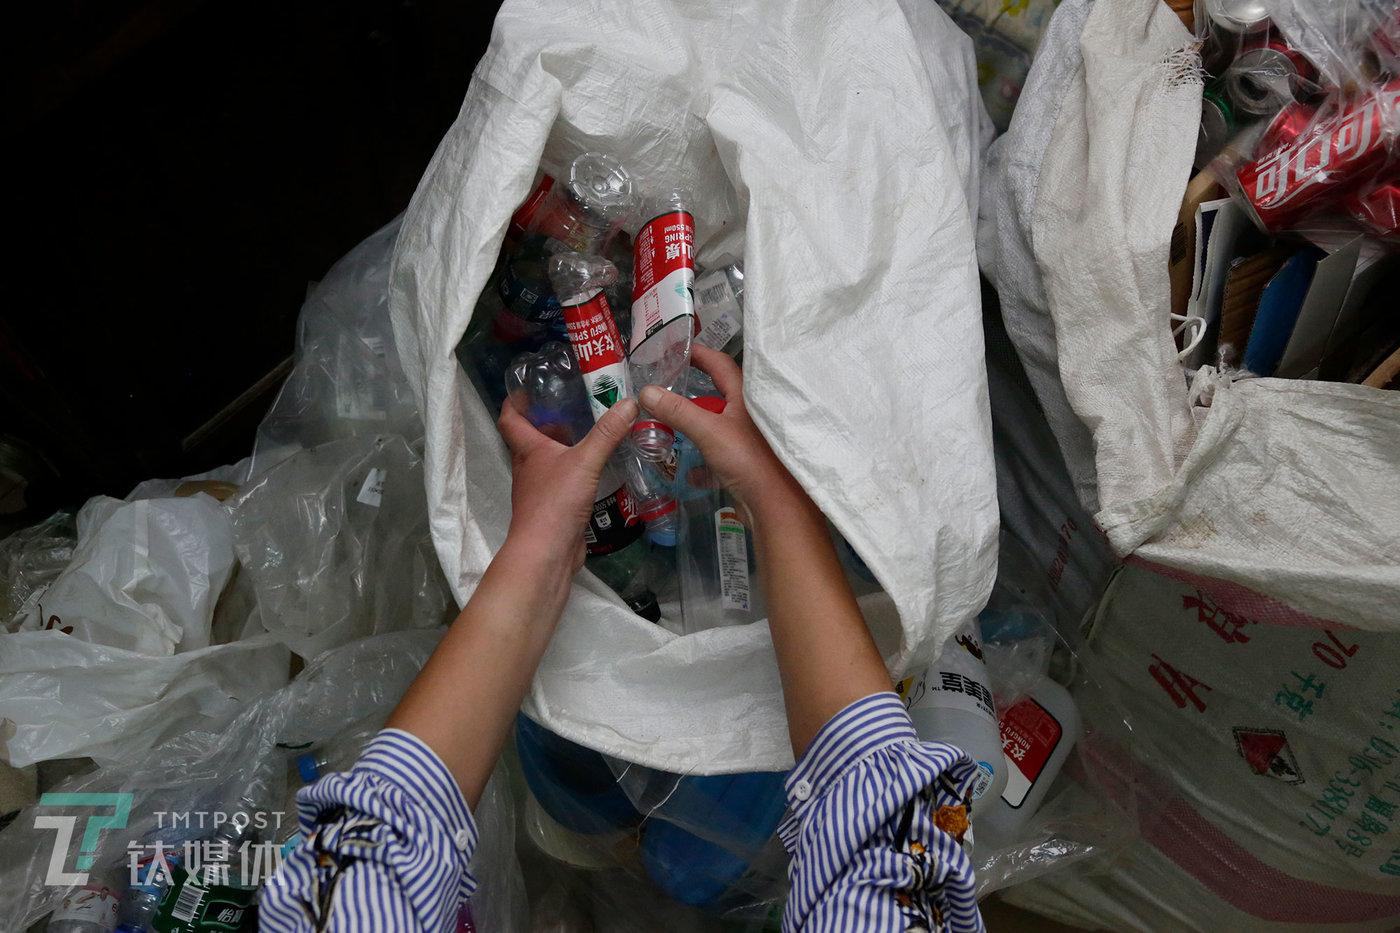 彭城母亲在整理自己捡来的废塑料瓶。